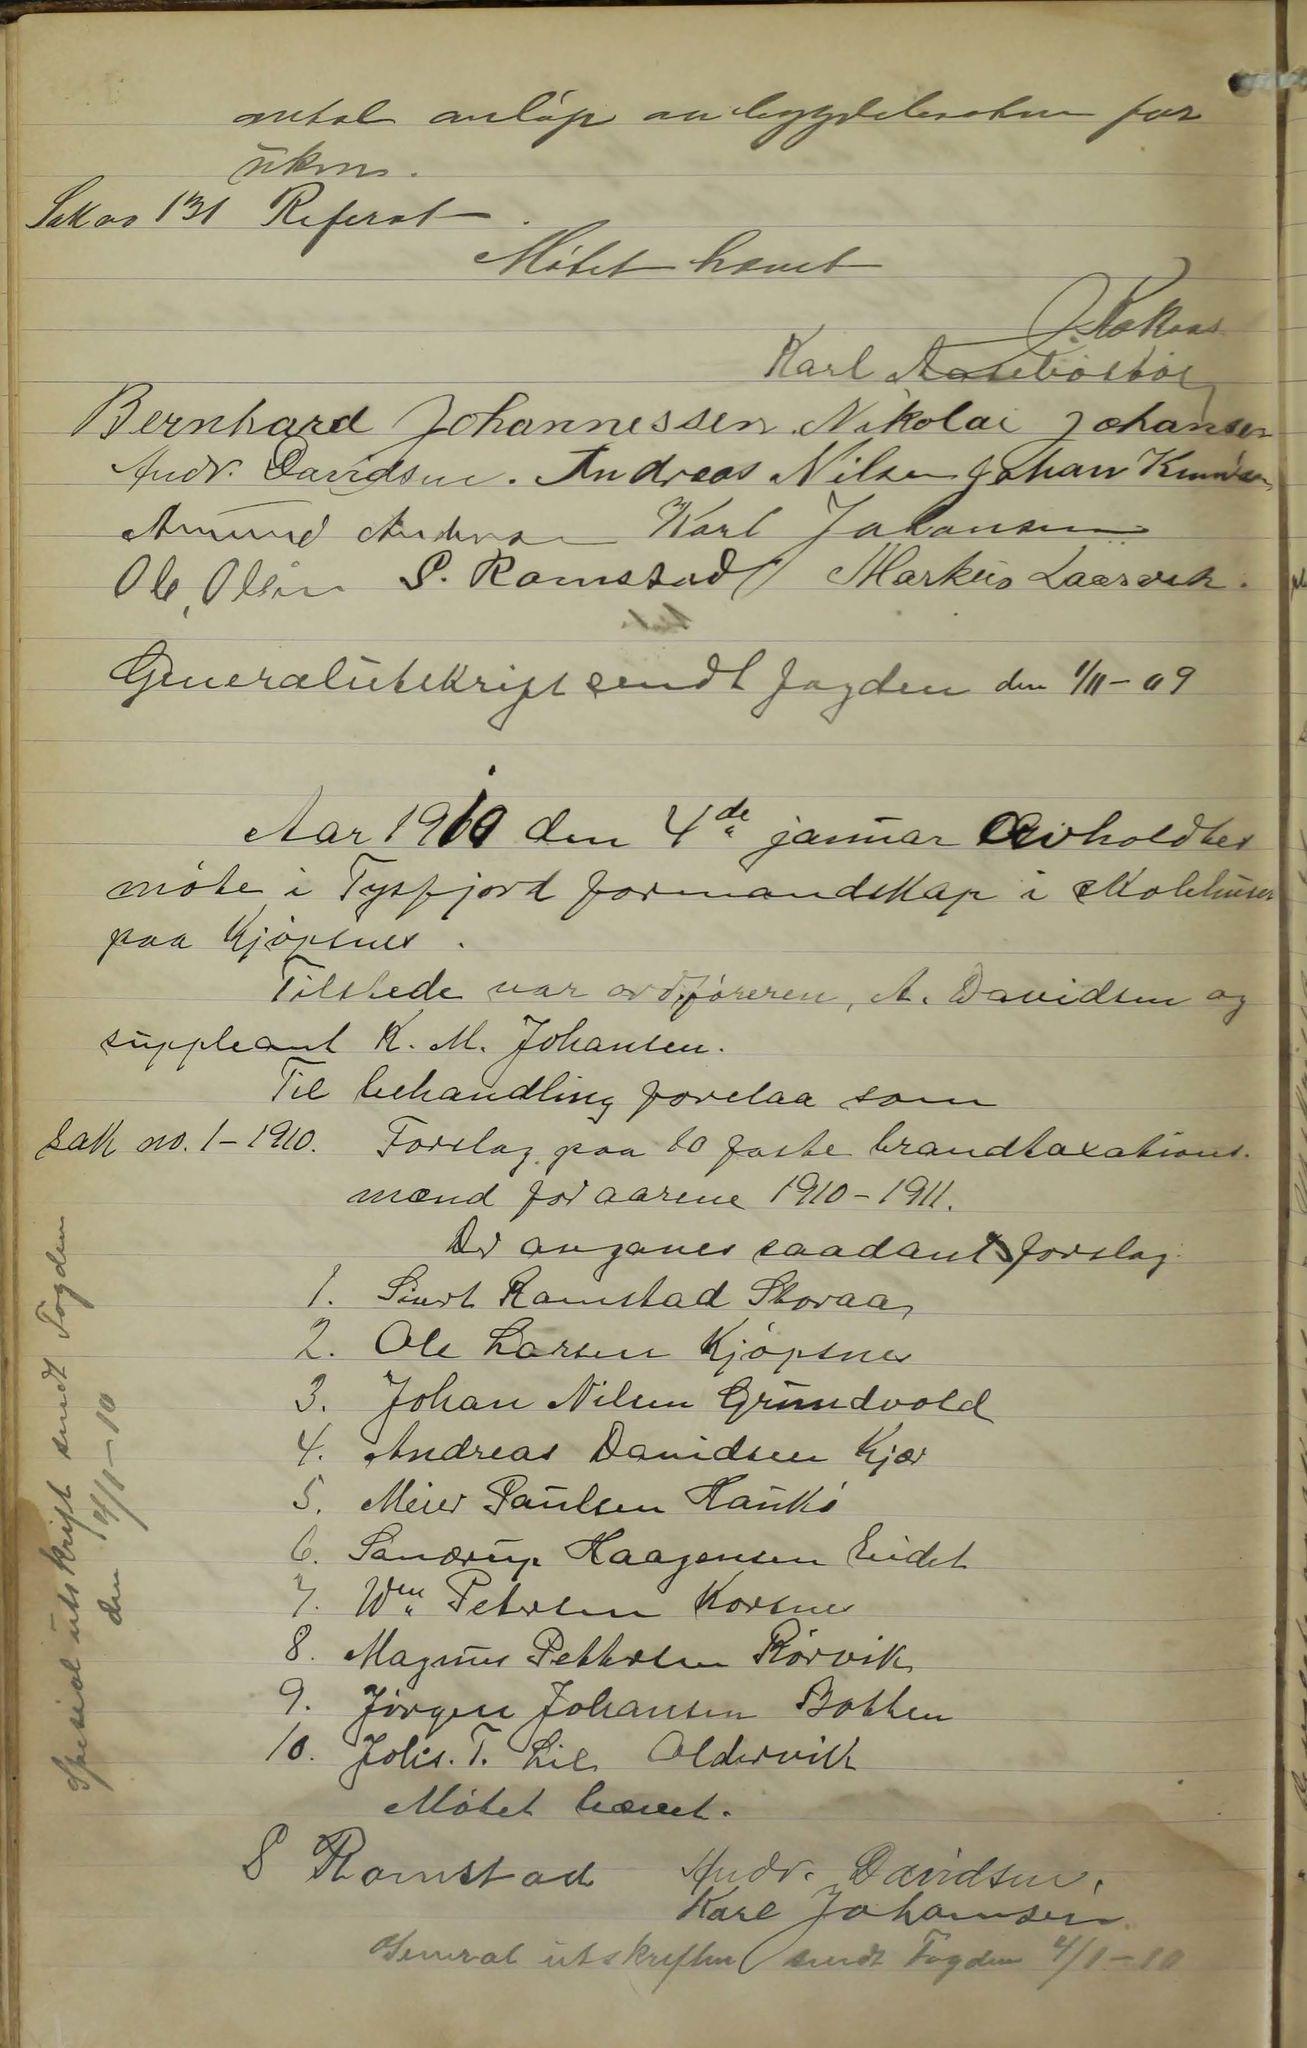 AIN, Tysfjord kommune. Formannskapet, 100/L0002: Forhandlingsprotokoll for Tysfjordens formandskap, 1895-1912, s. 218b